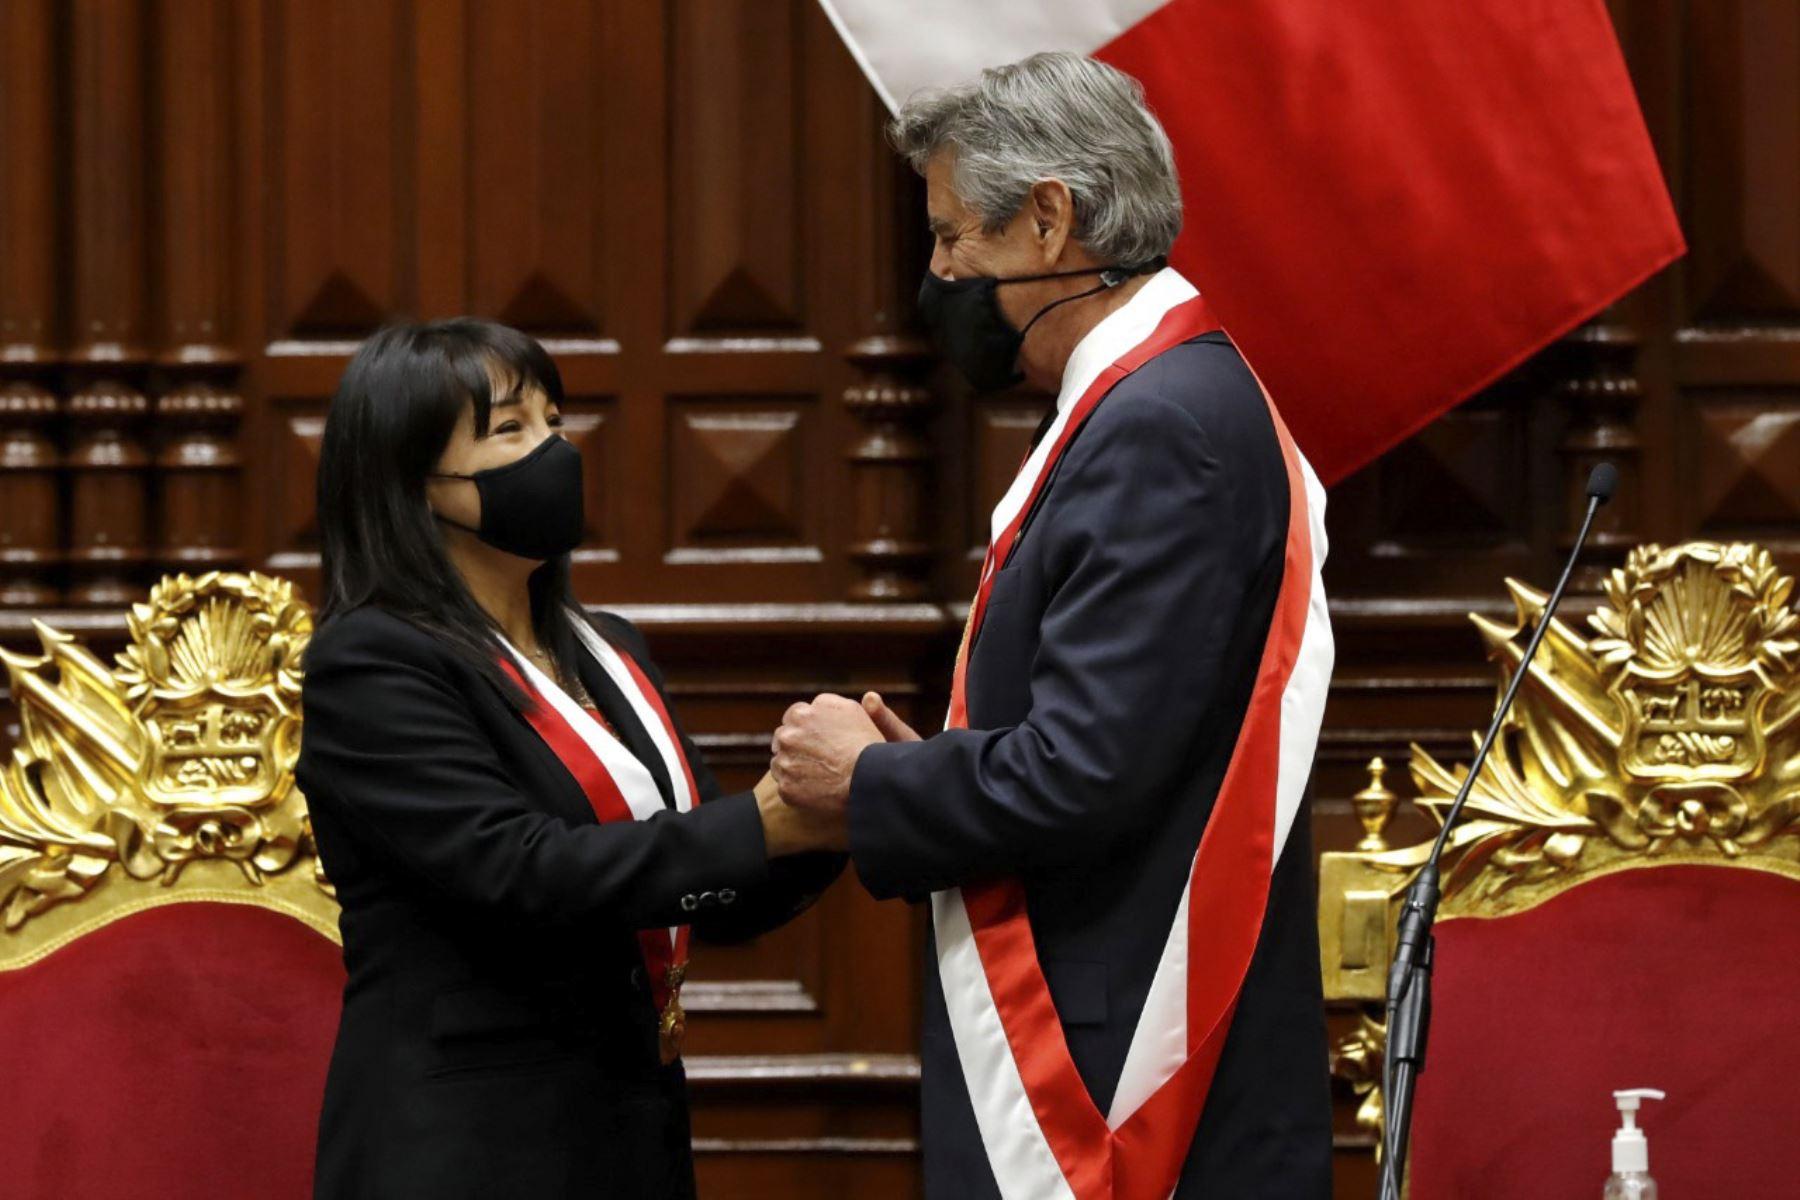 Toma de mando del presidente Francisco Sagasti, es felicitado por la presidenta del congreso, Mirtha Vásquez. Los primeros 100 días de gobierno. Foto: ANDINA